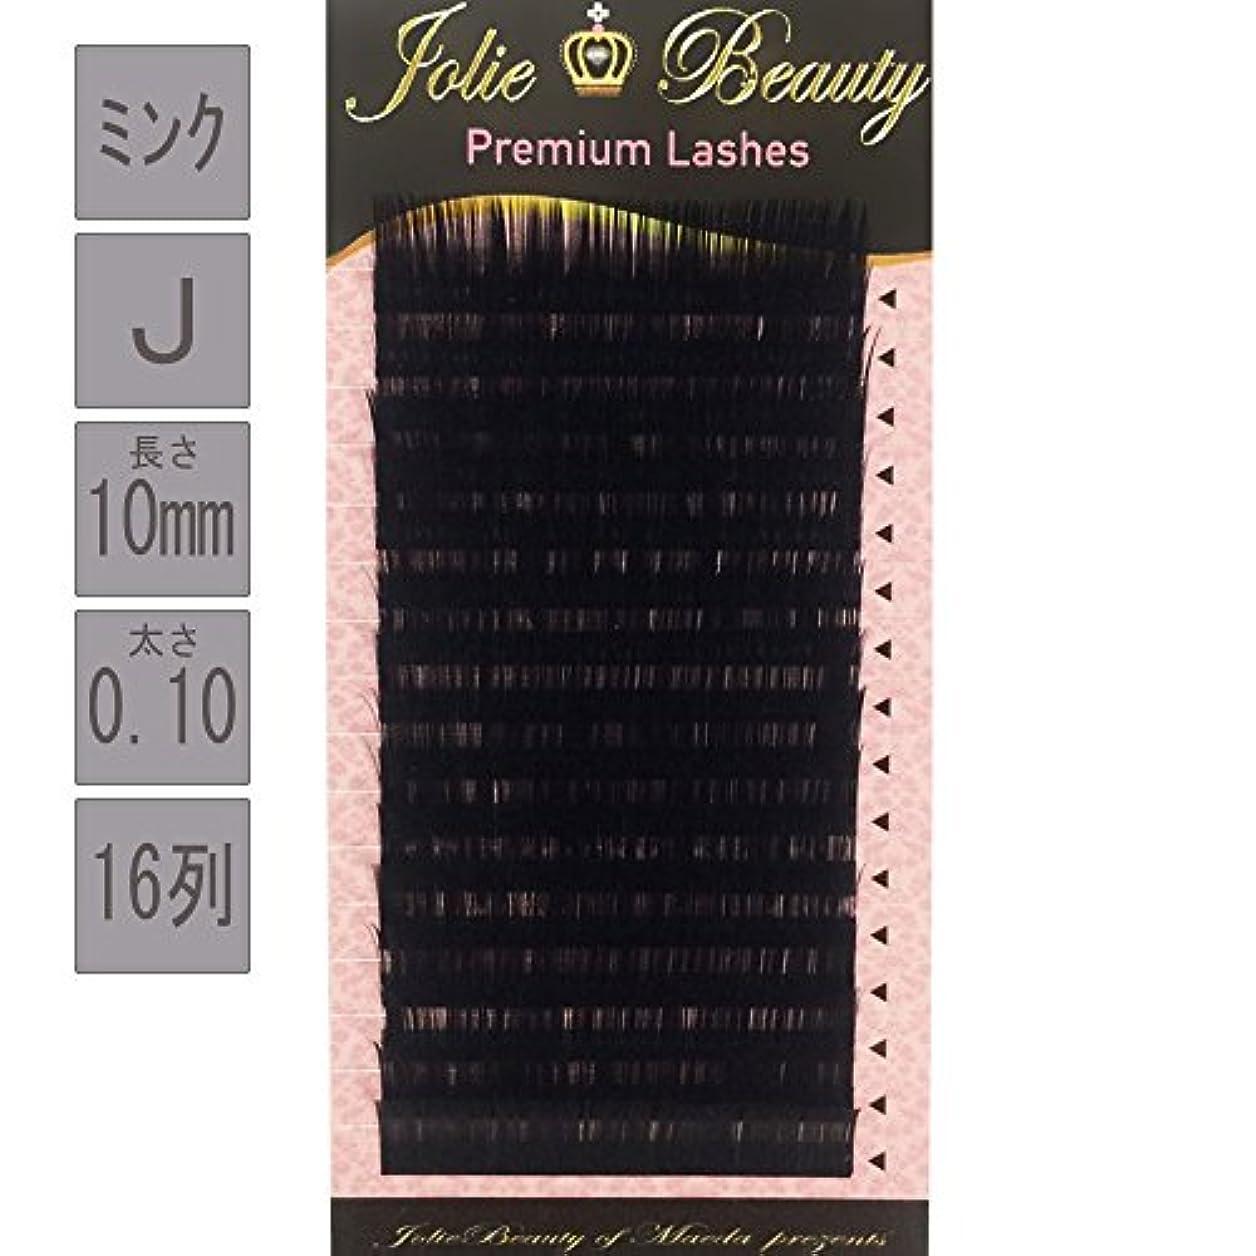 計算する敵対的一流まつ毛 エクステ 長さ 10mm ( 10ミリ ) 太さ 0.10 0.15 0.18 0.20 0.25 MINK ( ミンク ) 原産国 韓国 (0.10, J)